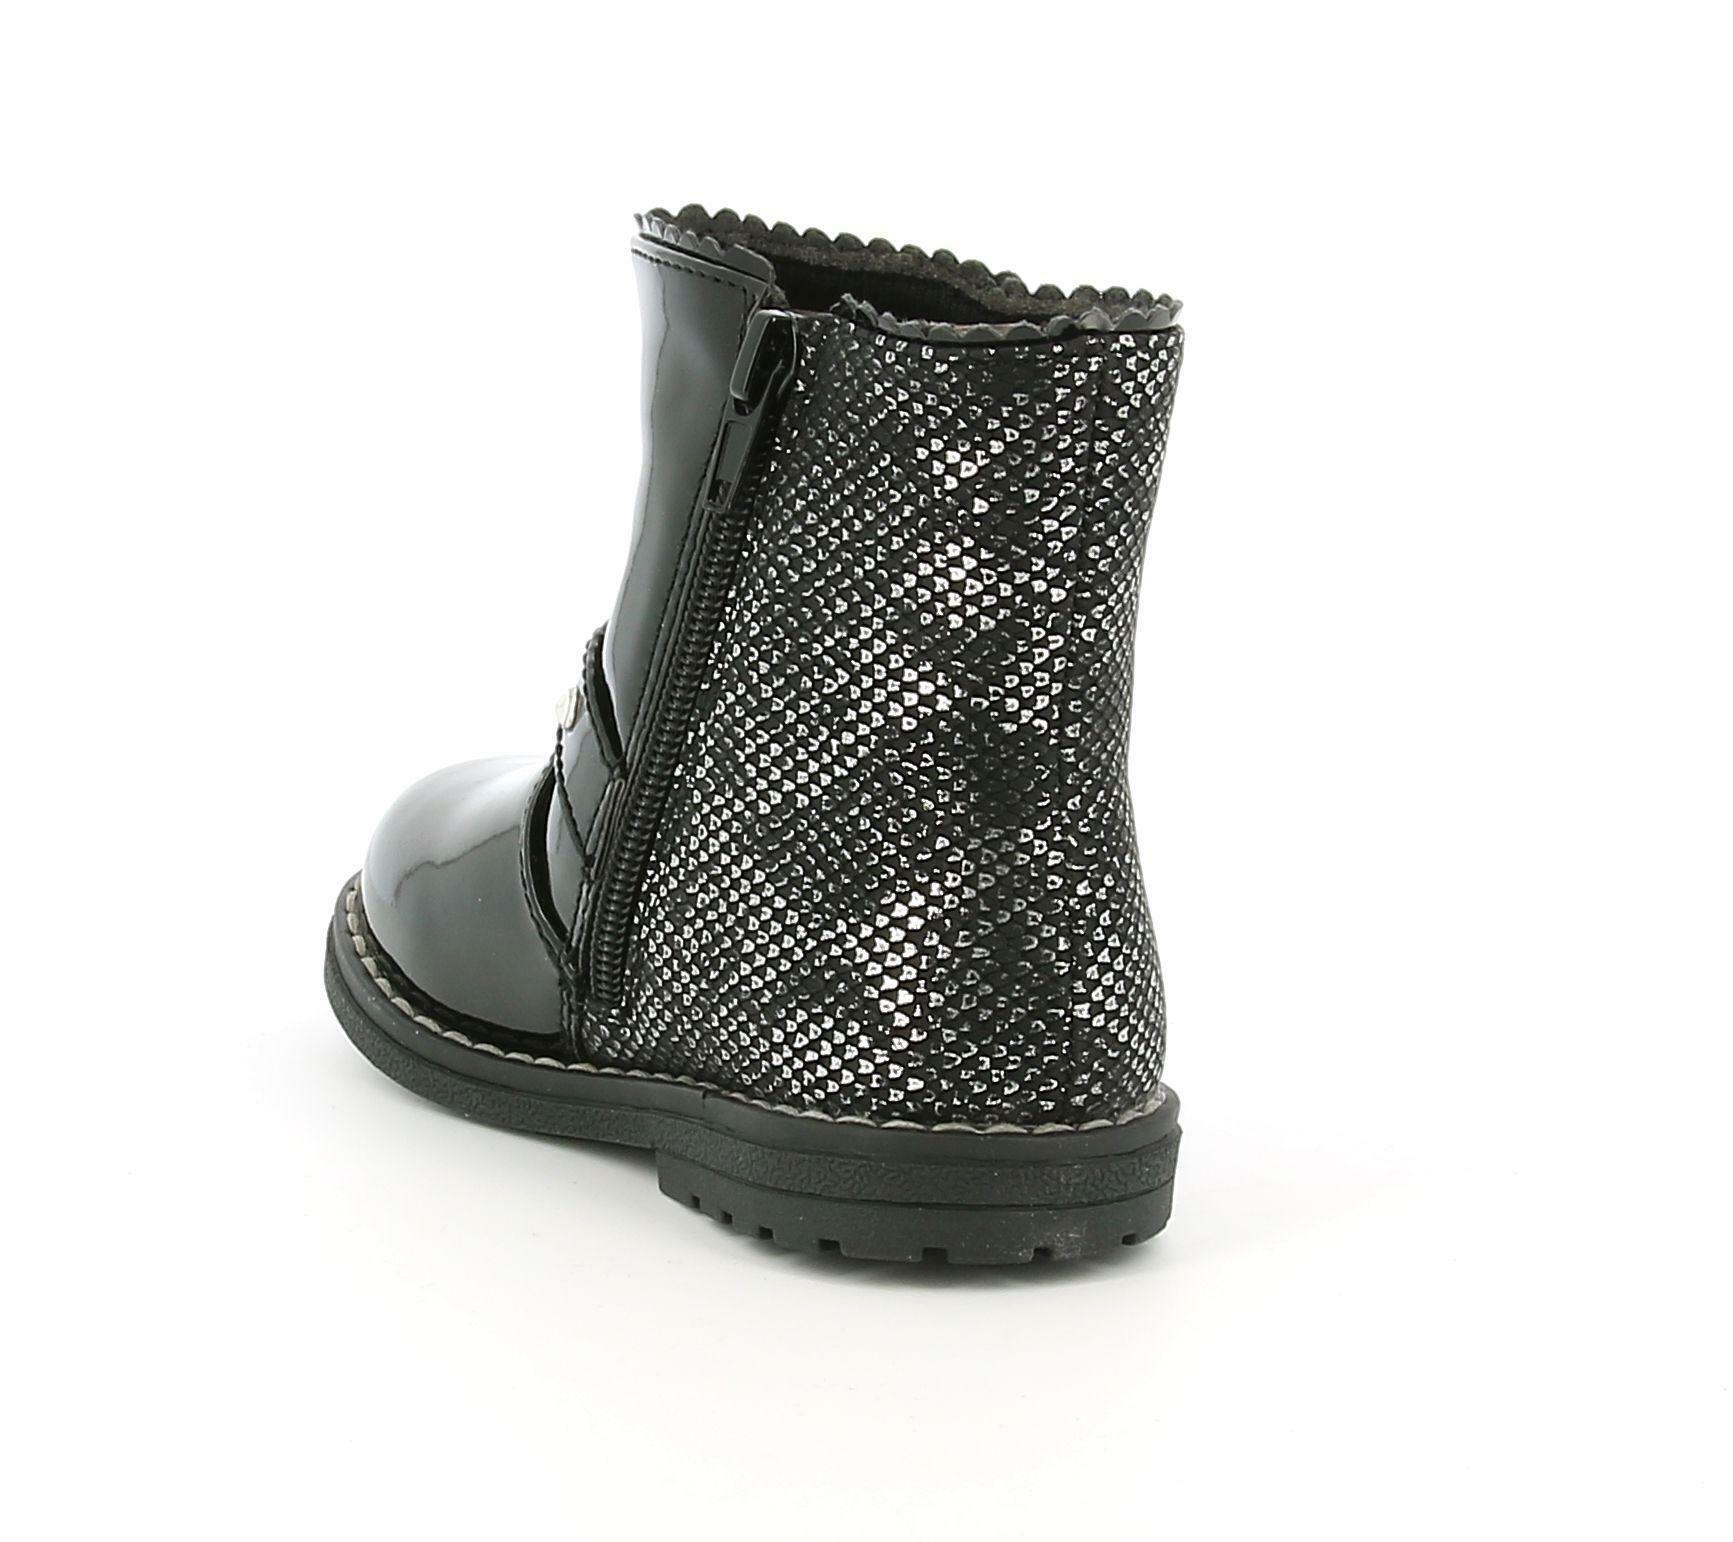 chicco chicco 64544 stivaletto ankle boot cancan da bambina nero